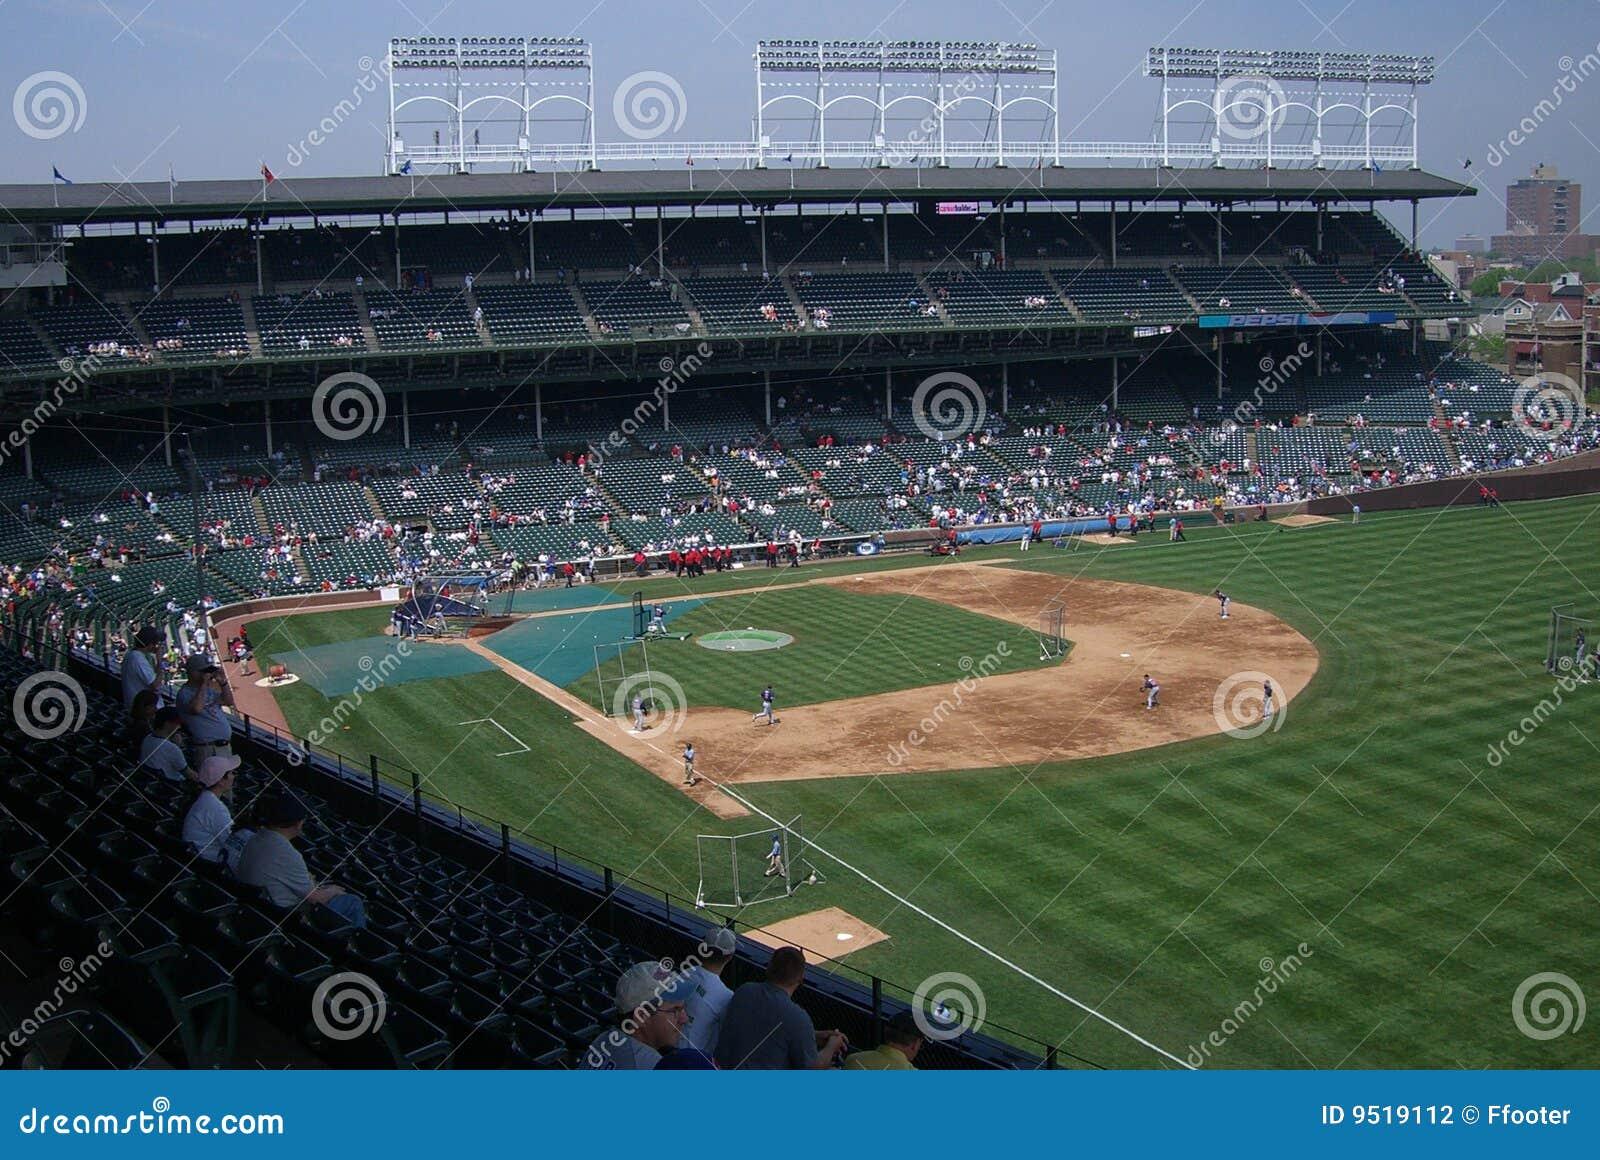 Chicago field wrigley